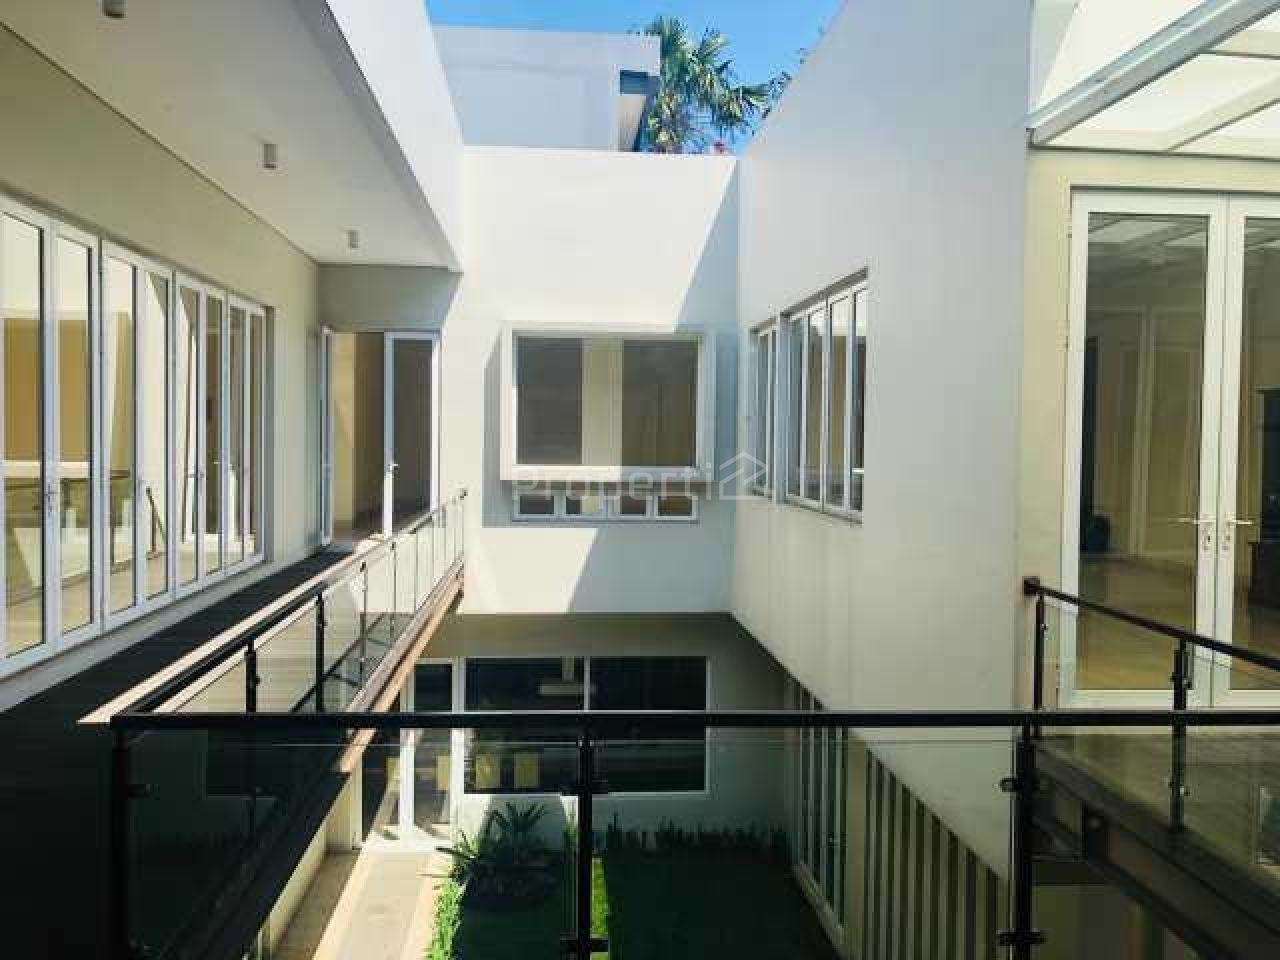 Rumah Mewah 2,5 Lantai Semi Furnished di Batununggal, Bandung Kidul